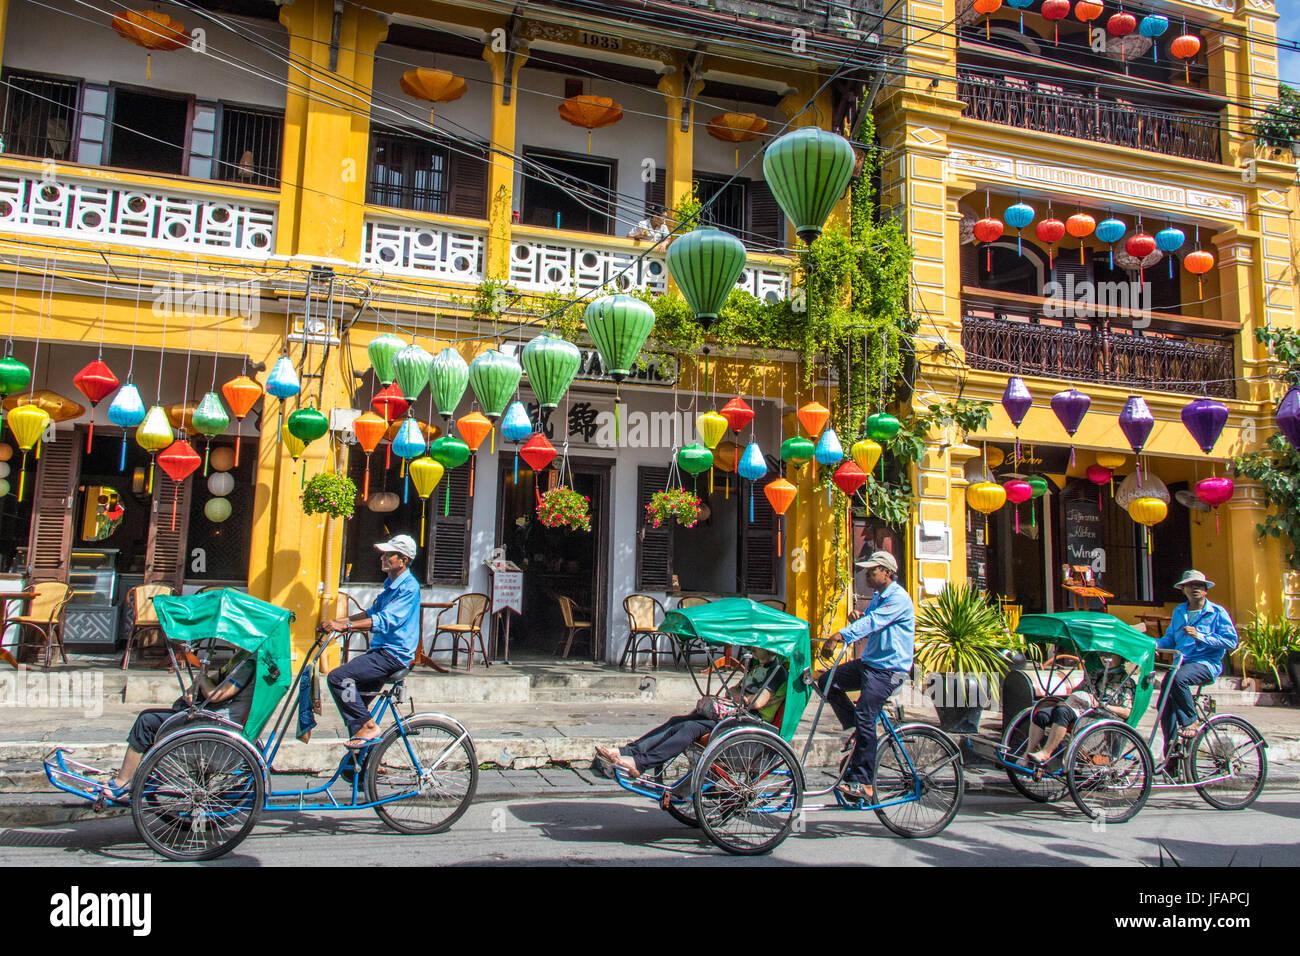 Les touristes sur un cyclo tour, lanternes colorées dans Hoi An, Vietnam Banque D'Images